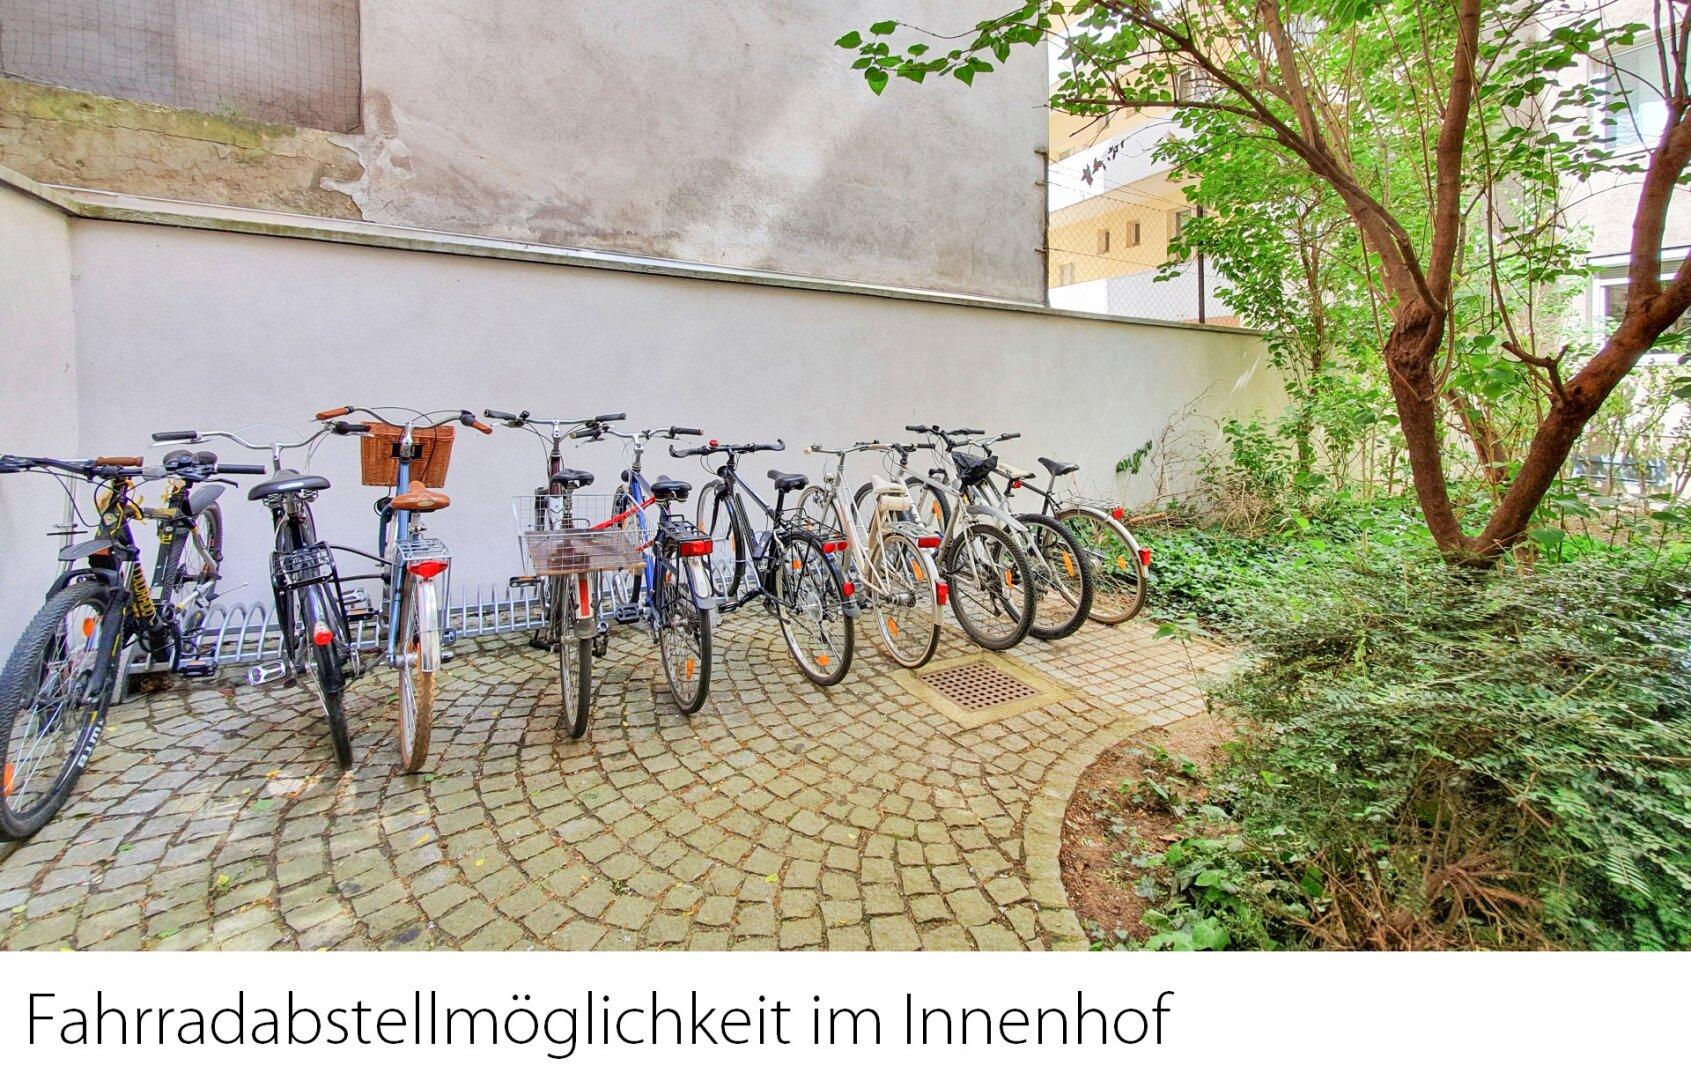 Fahrradabstellmöglichkeiten im Innenhof